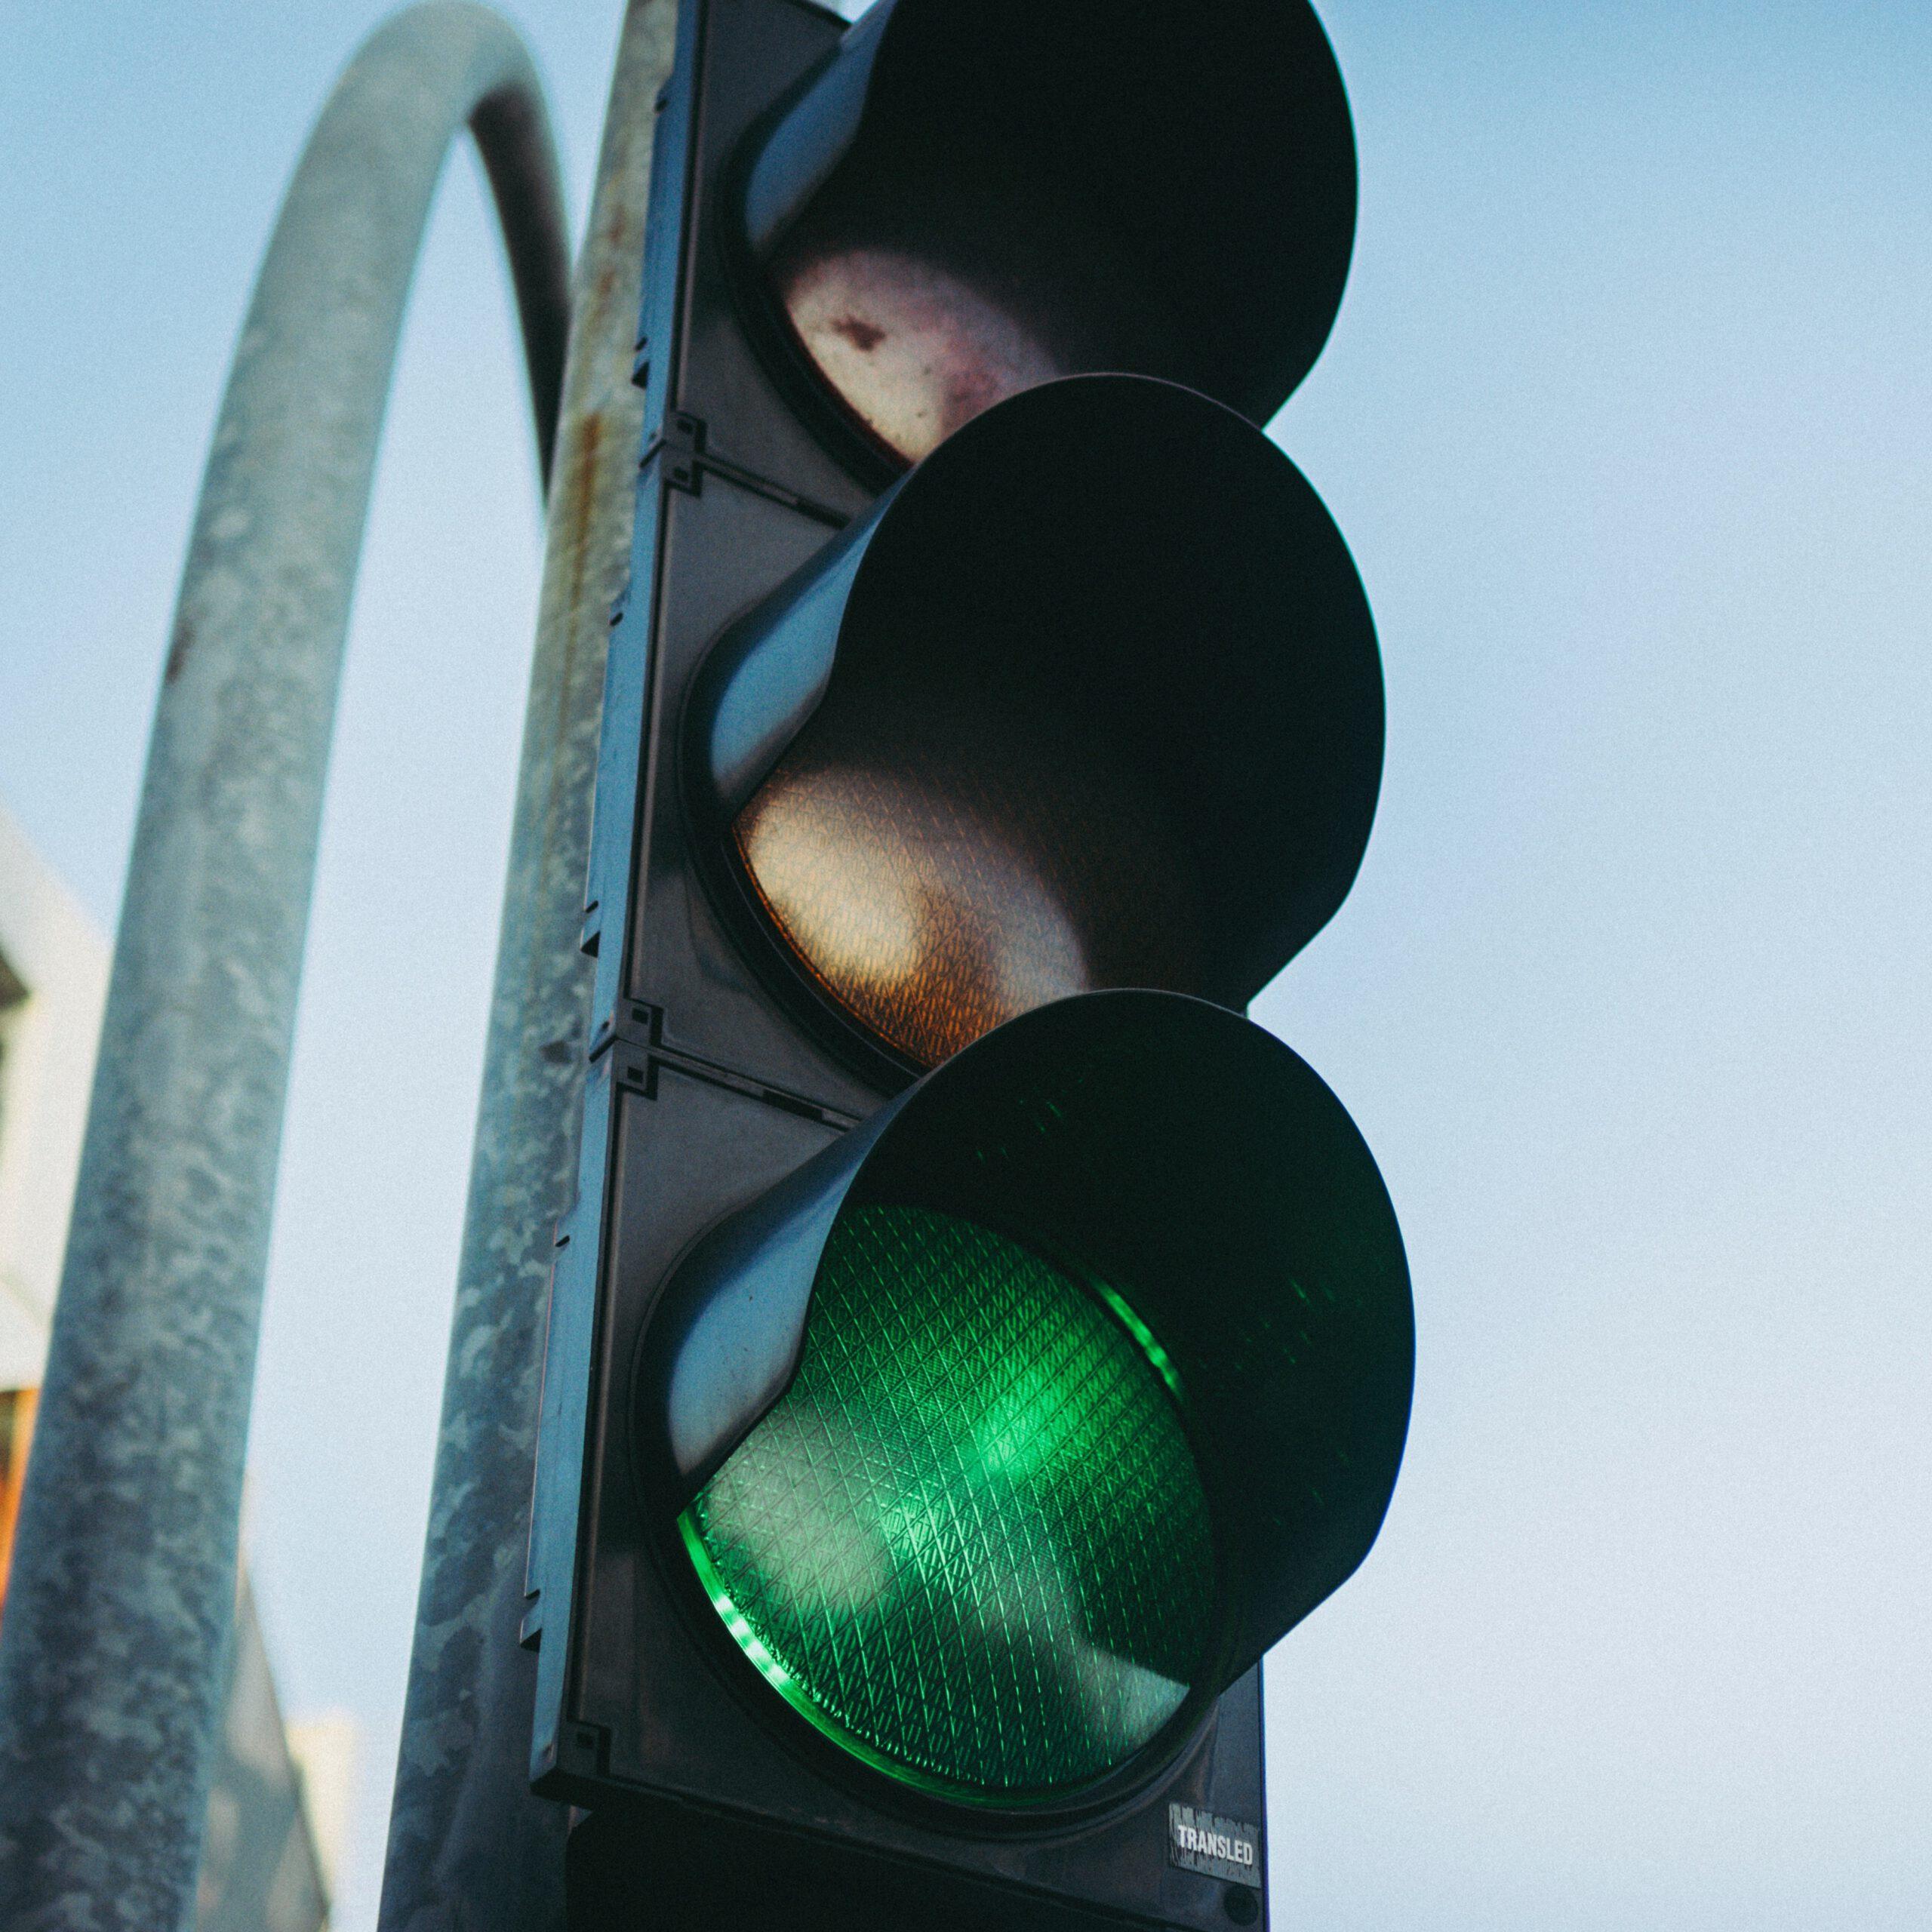 Bild einer Ampel, die auf grün steht